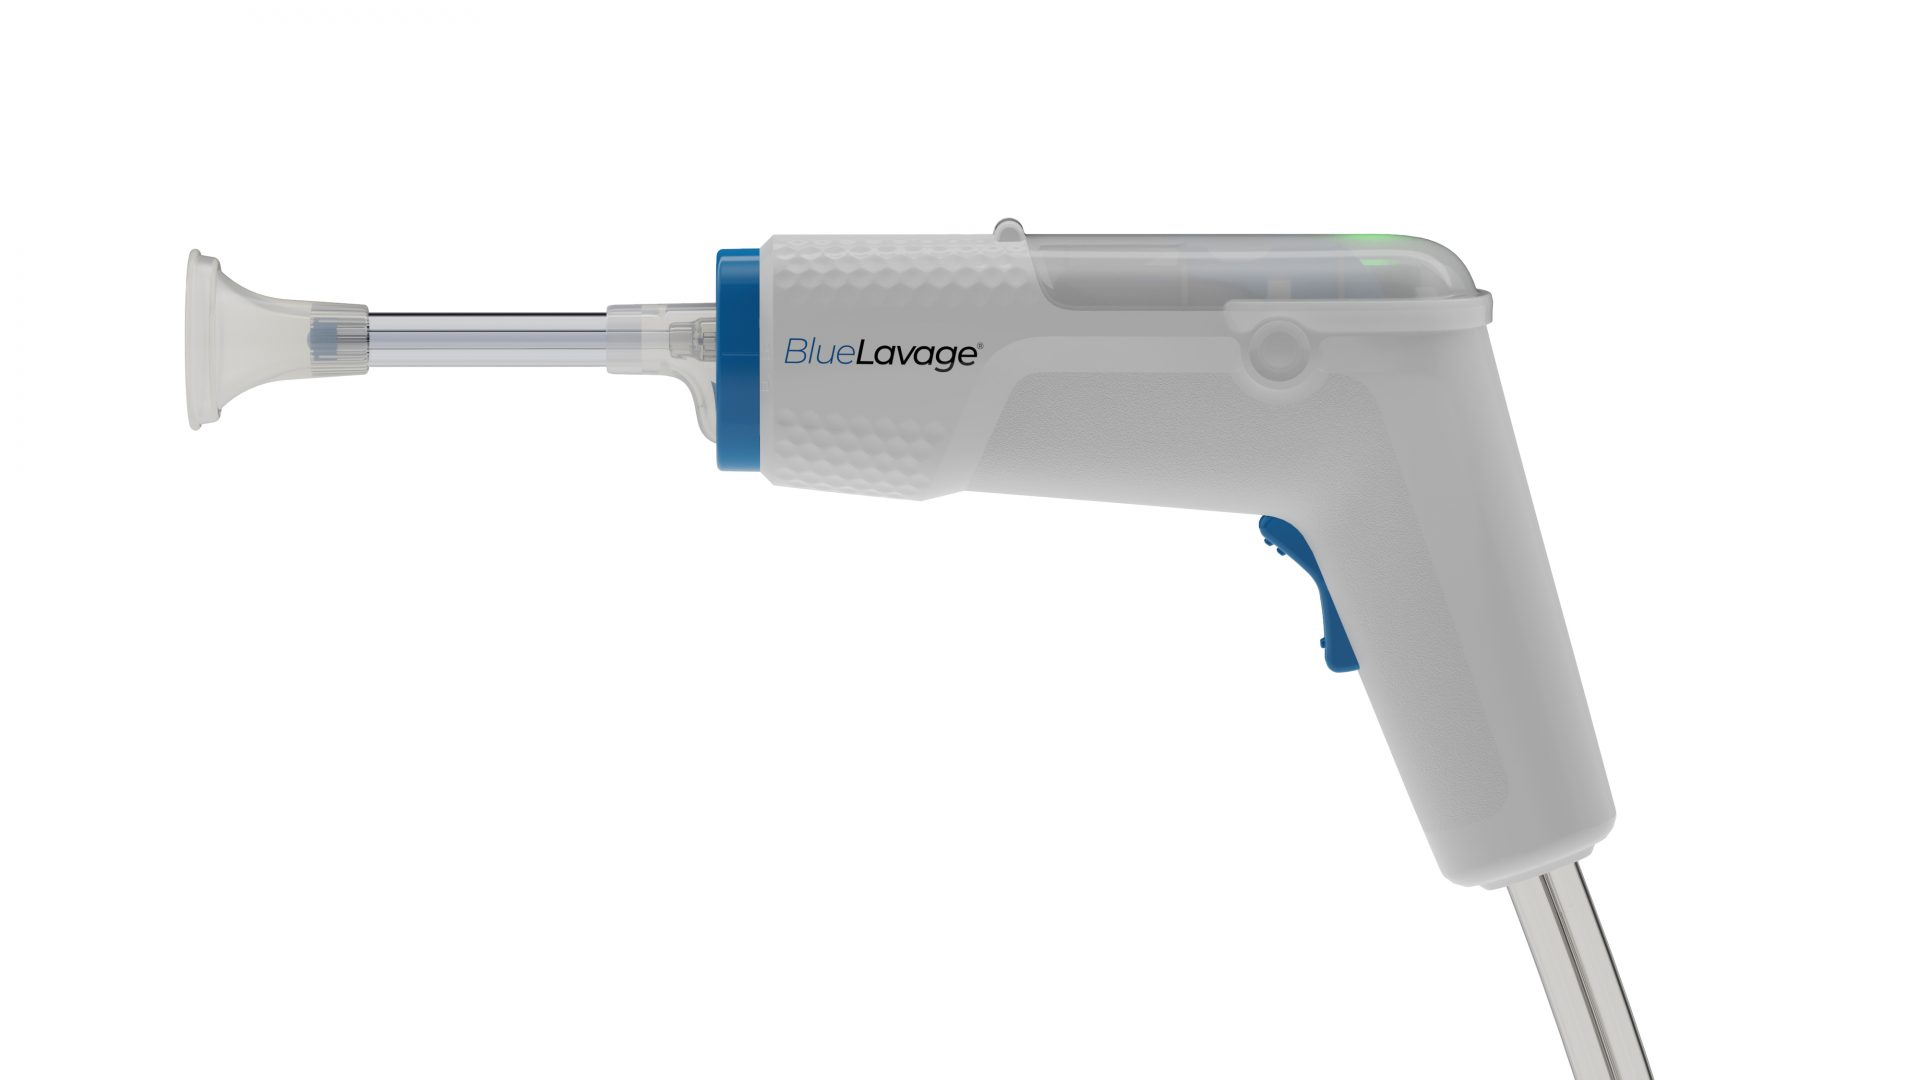 blue_lavage_medical_wundspülpistole_projekter